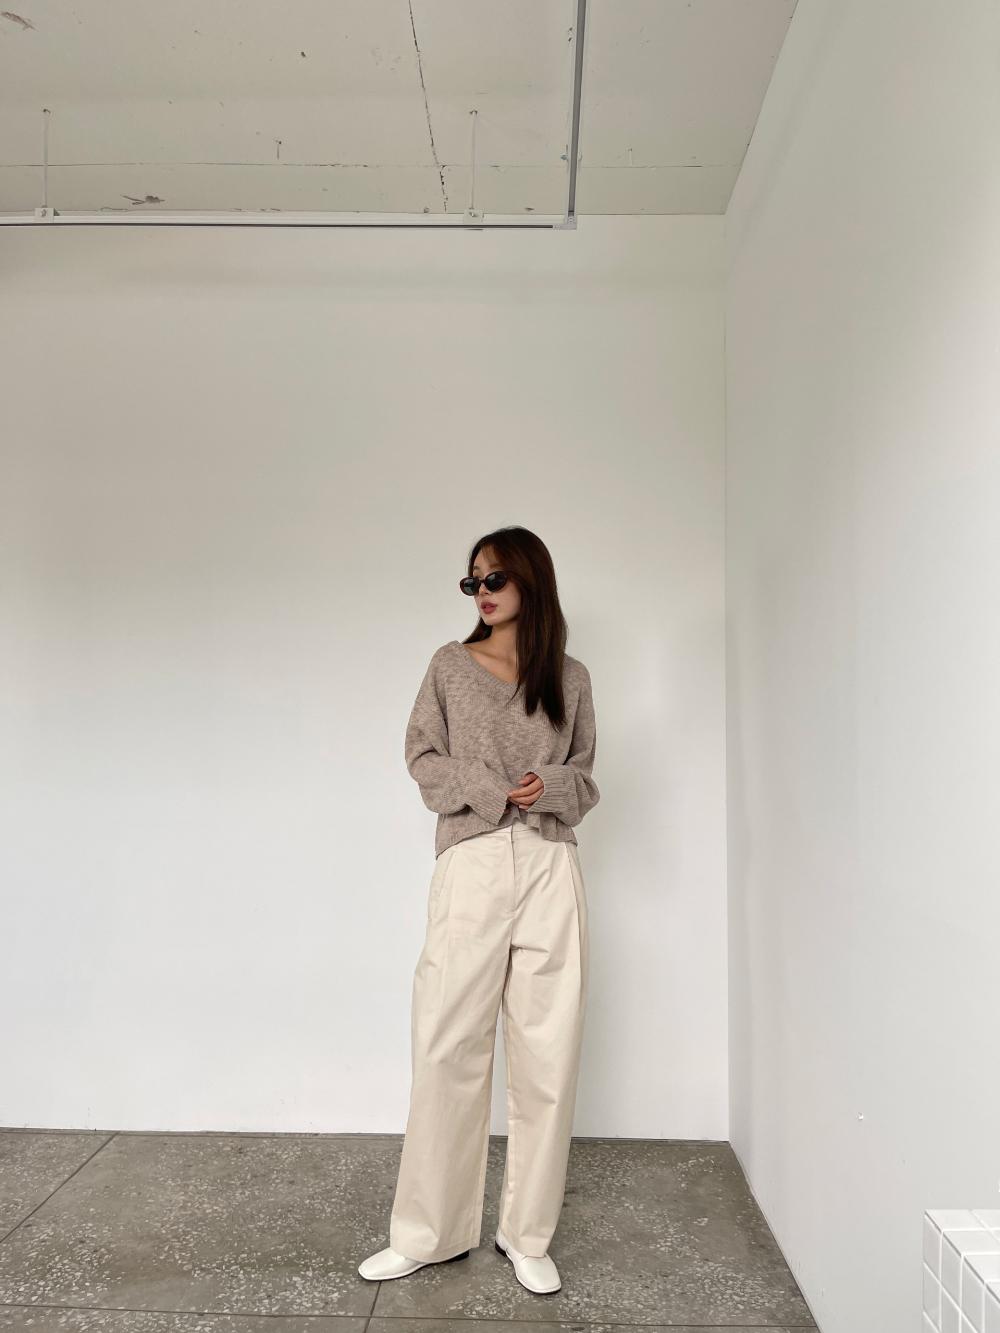 재킷 모델 착용 이미지-S3L3